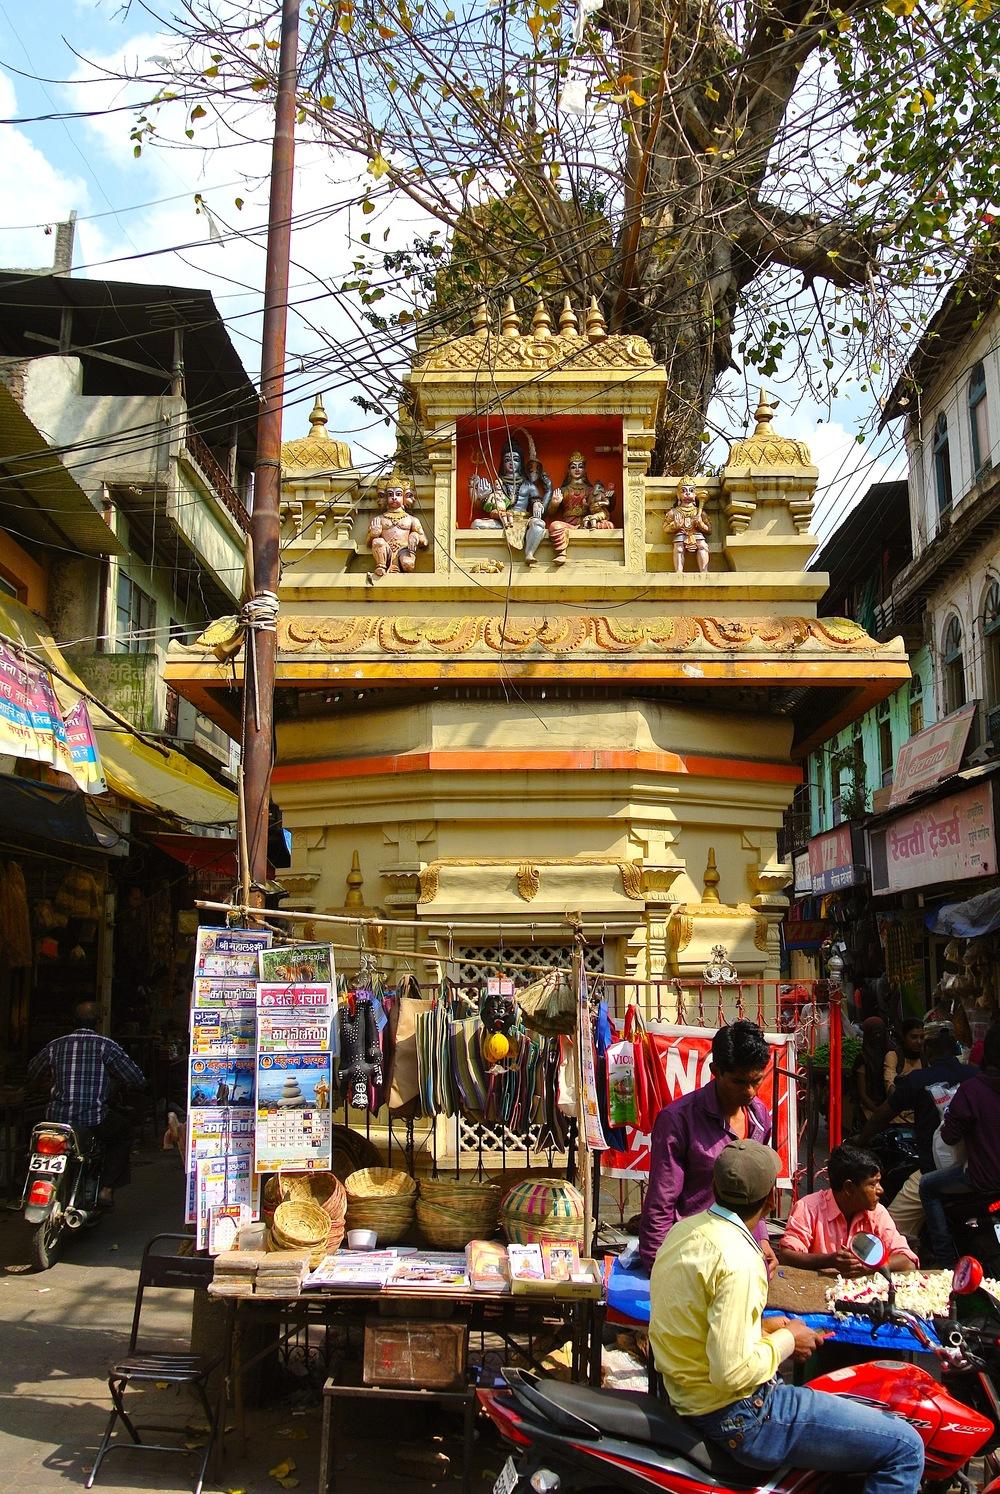 The Supari Hanuman Temple on Gulmandi Road in Aurangabad, India